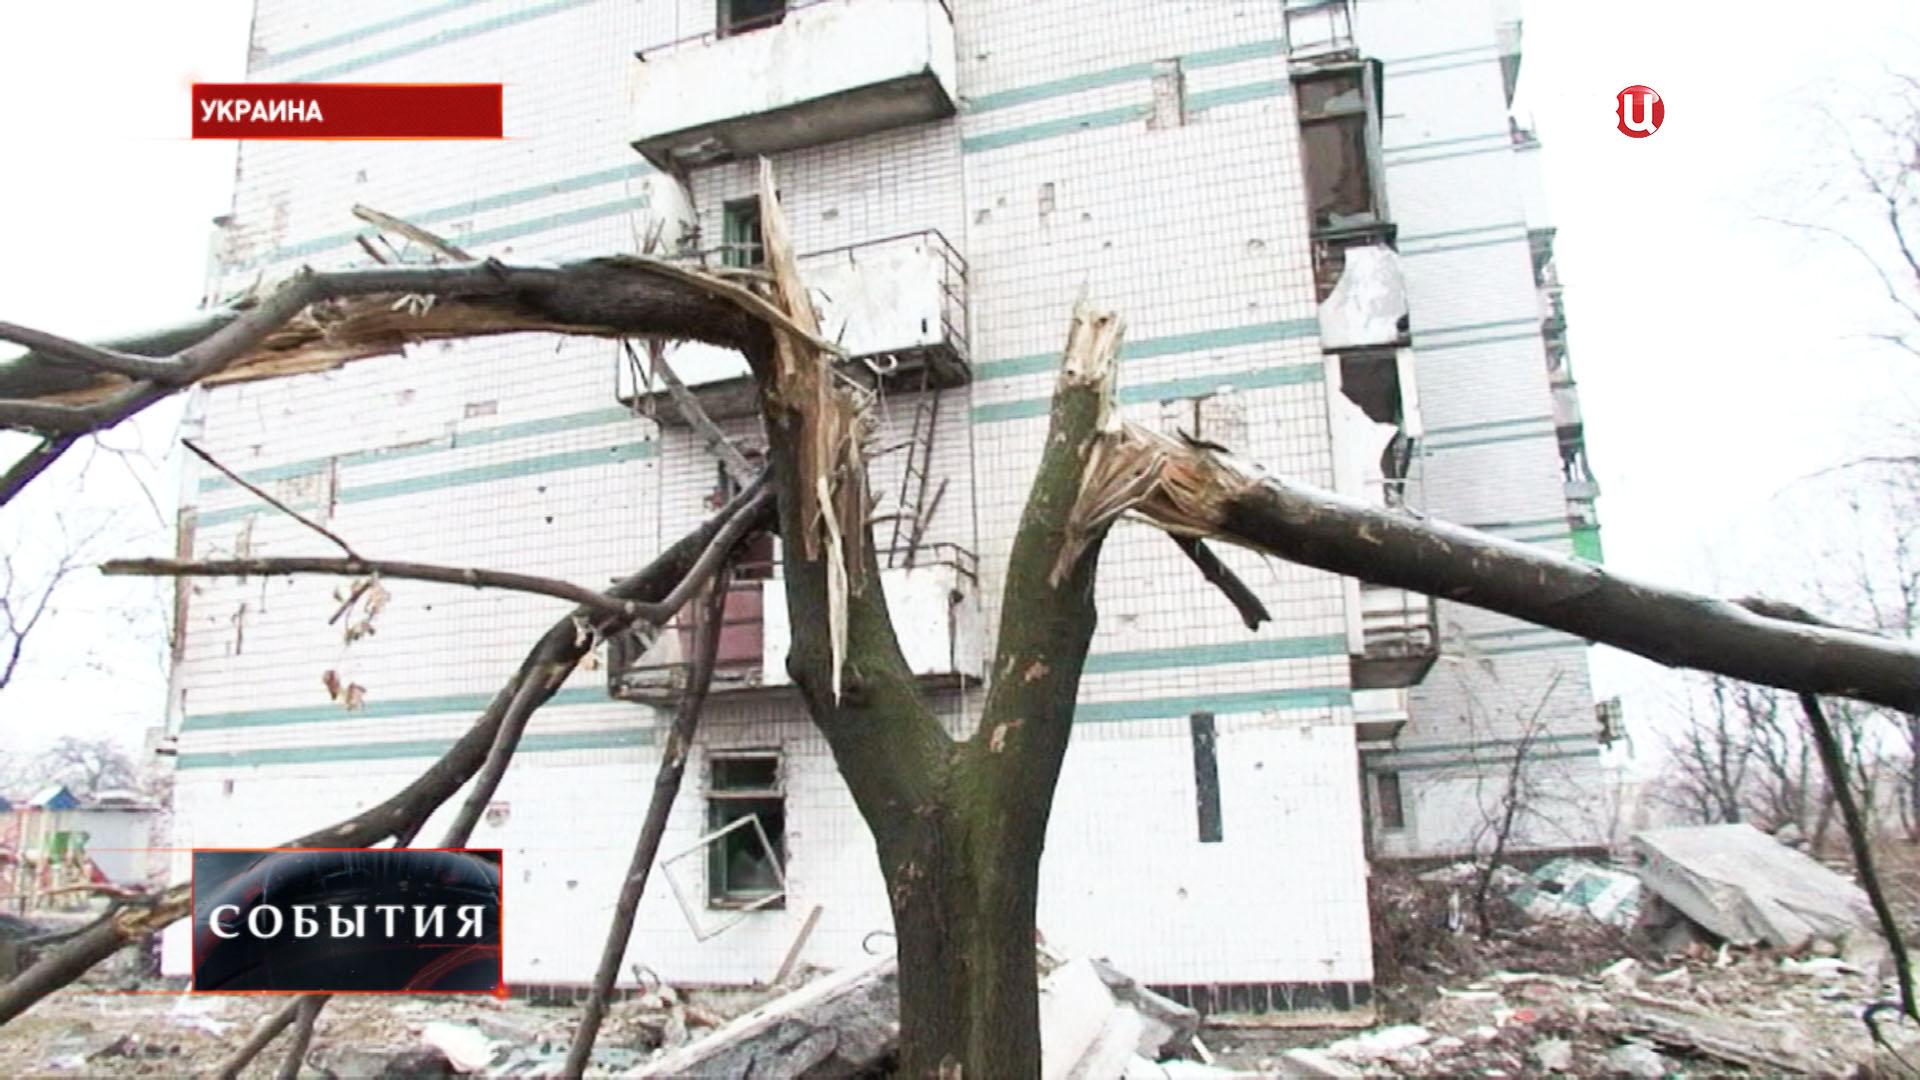 Результат артобстрела жилых кварталов на юго-востоке Украины